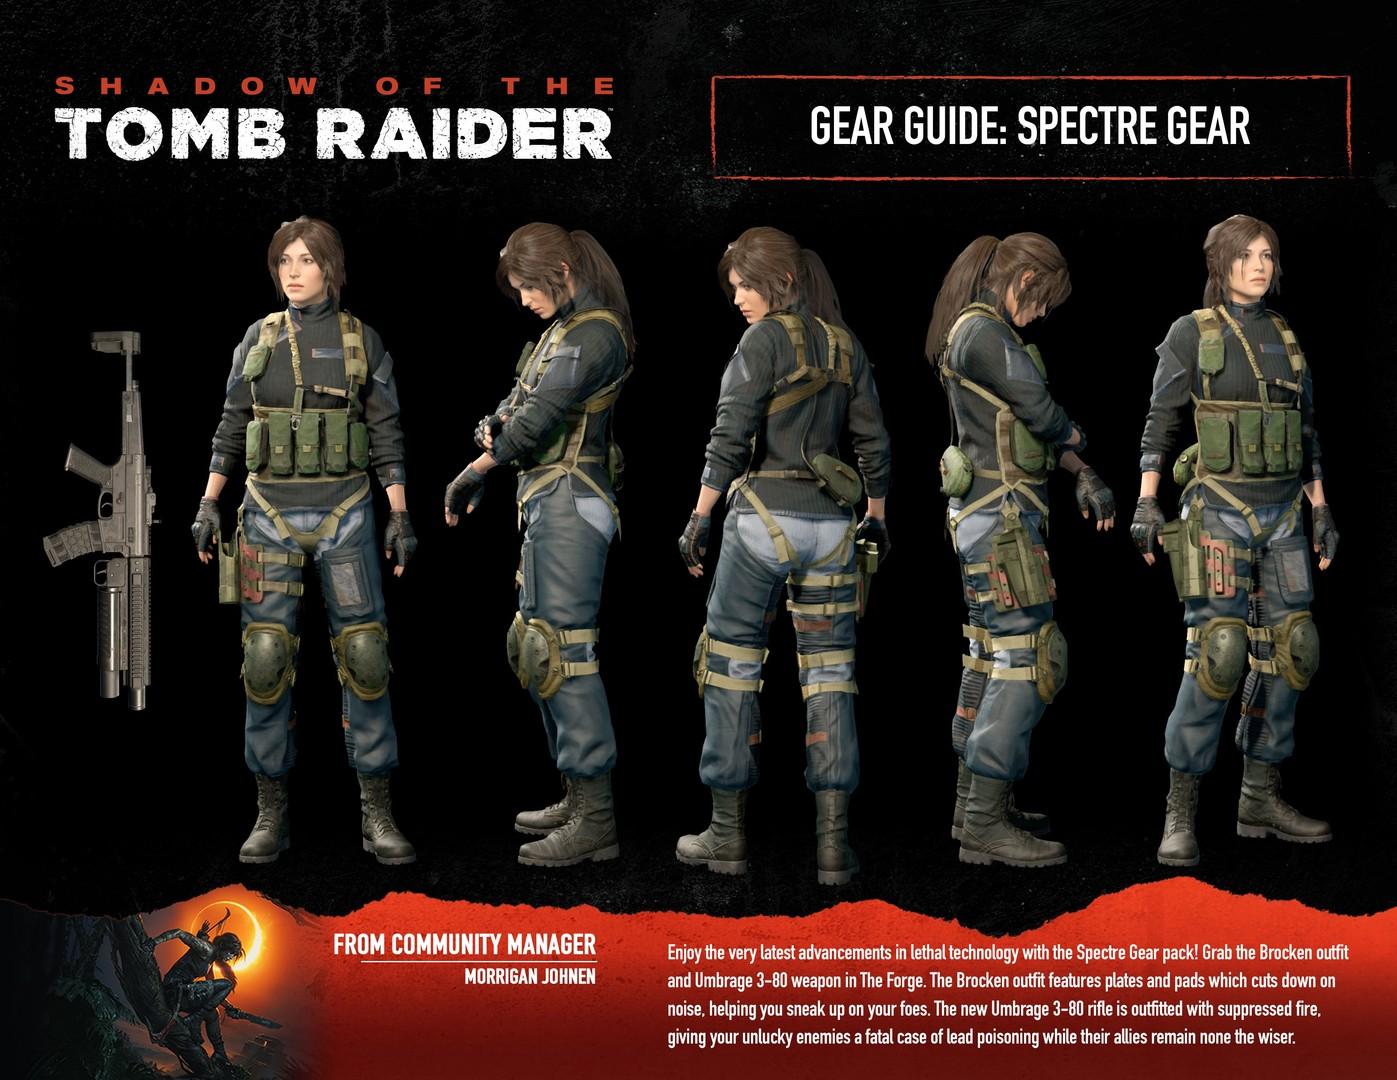 Spectre gear